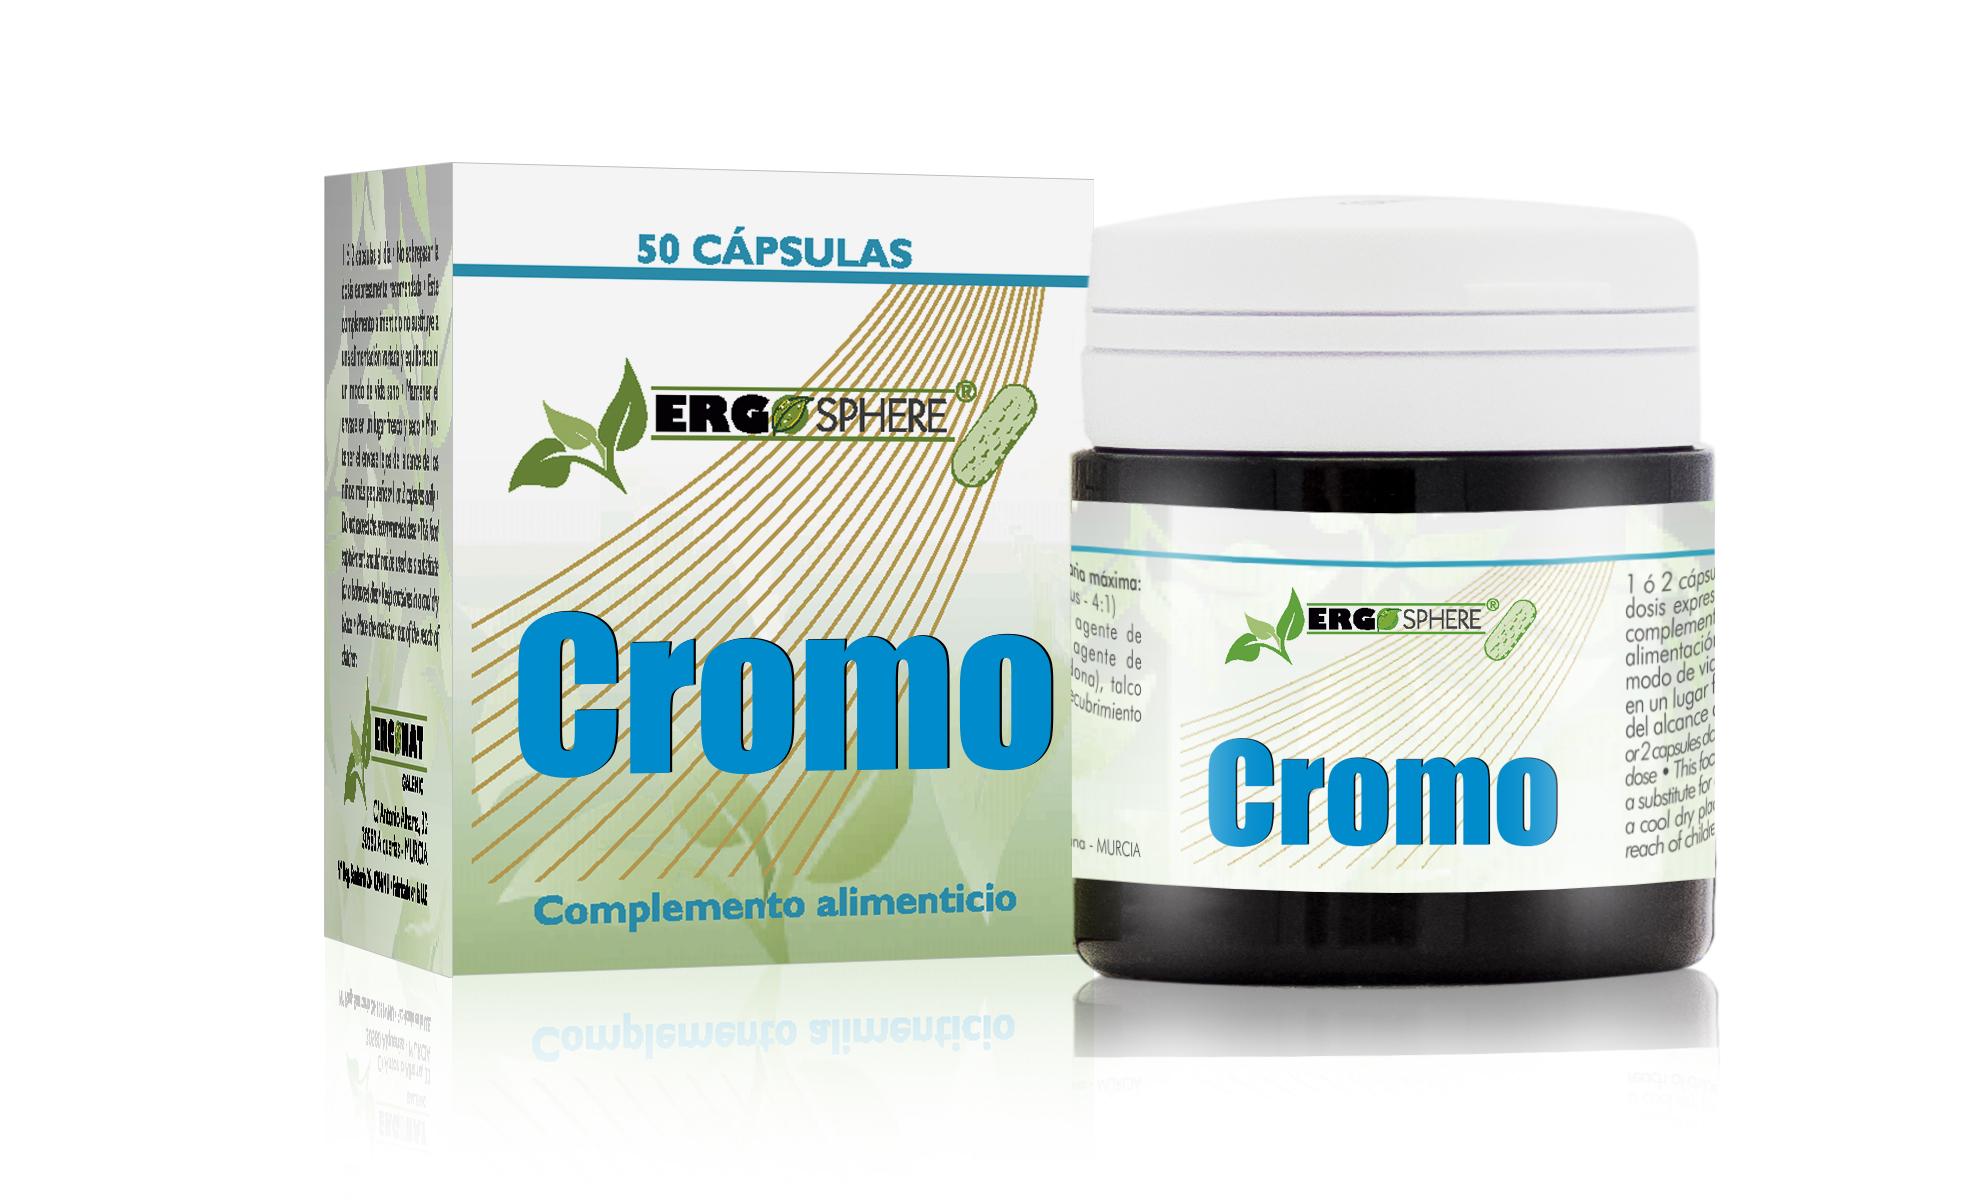 Cromo-microgranulos-50-Capsulas